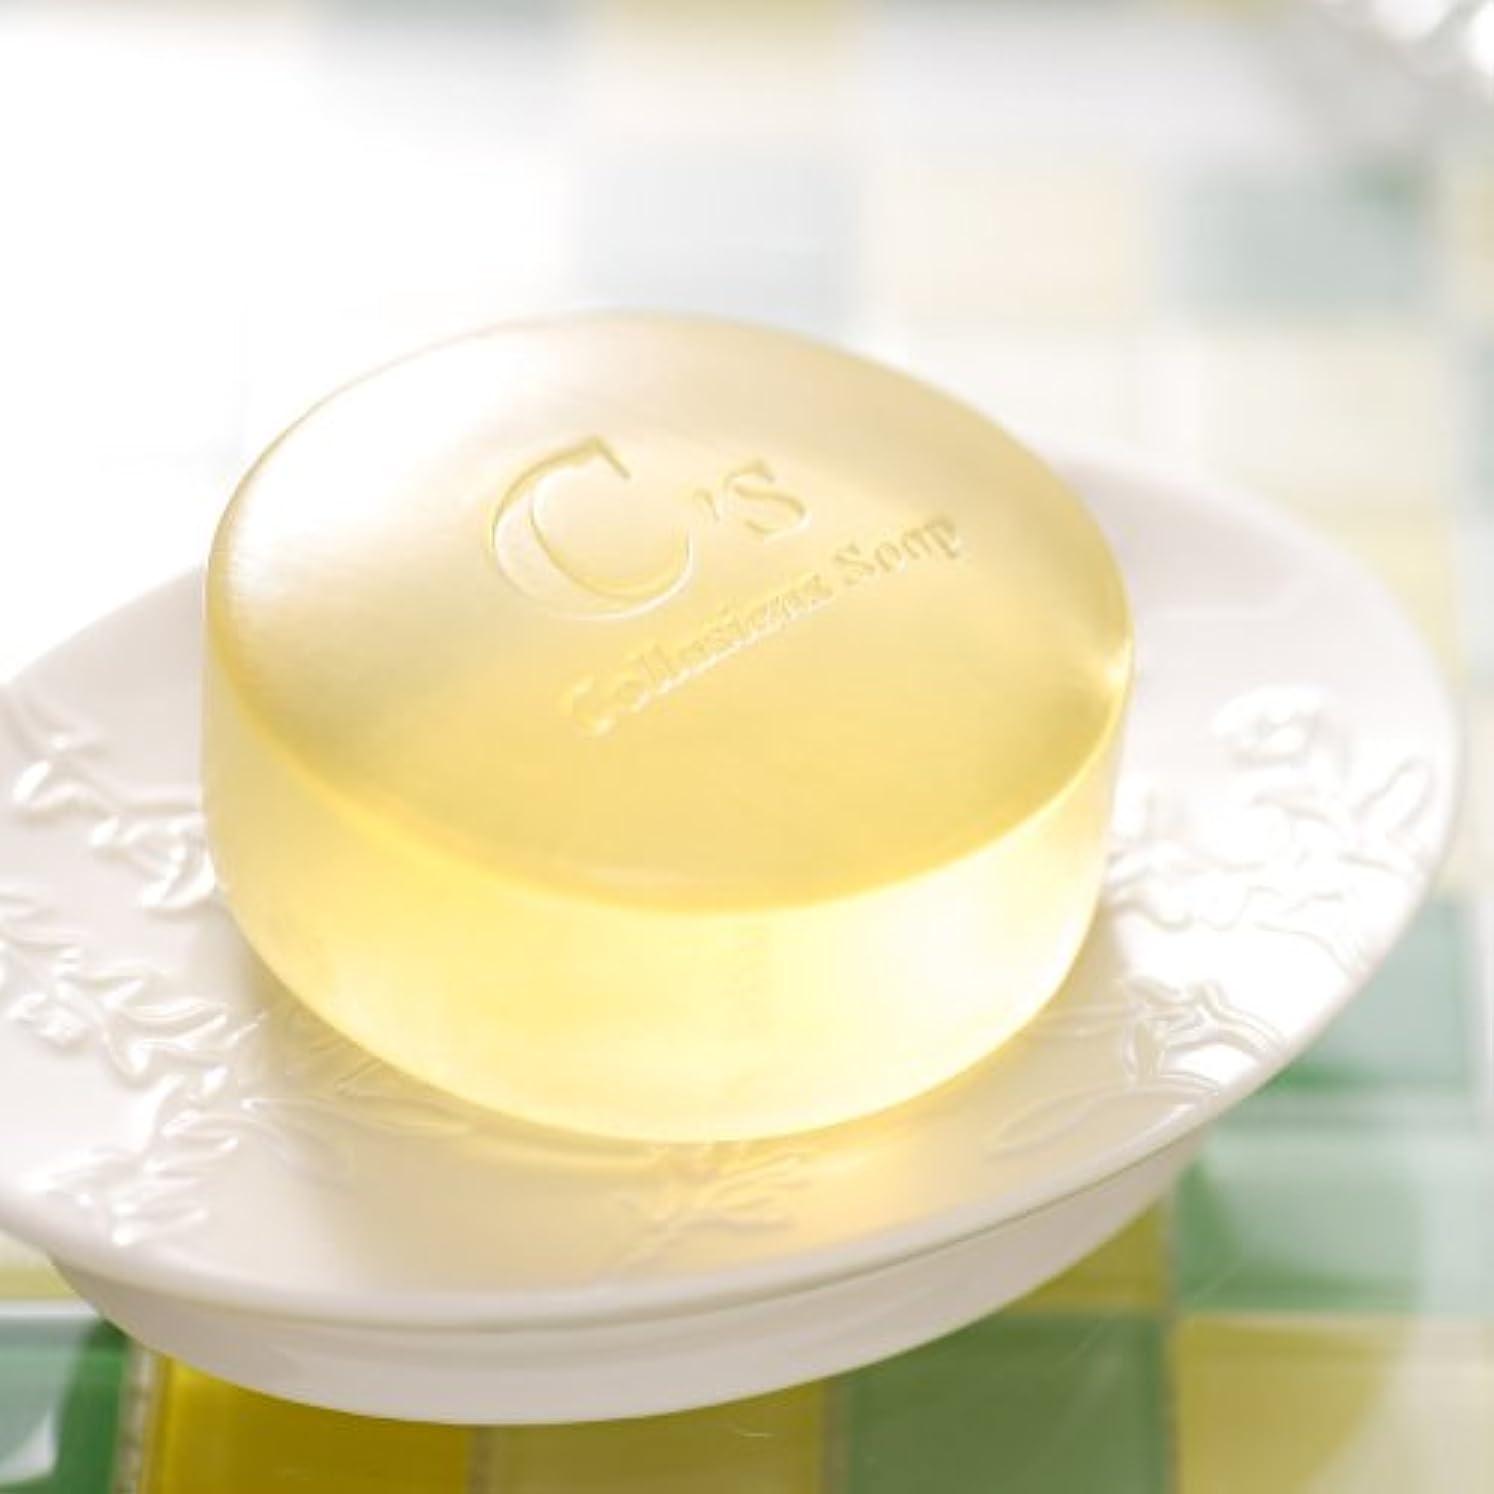 クマノミ太いマイクロフォン肌理石鹸(きめせっけん)☆90日間熟成させた手作りソープ